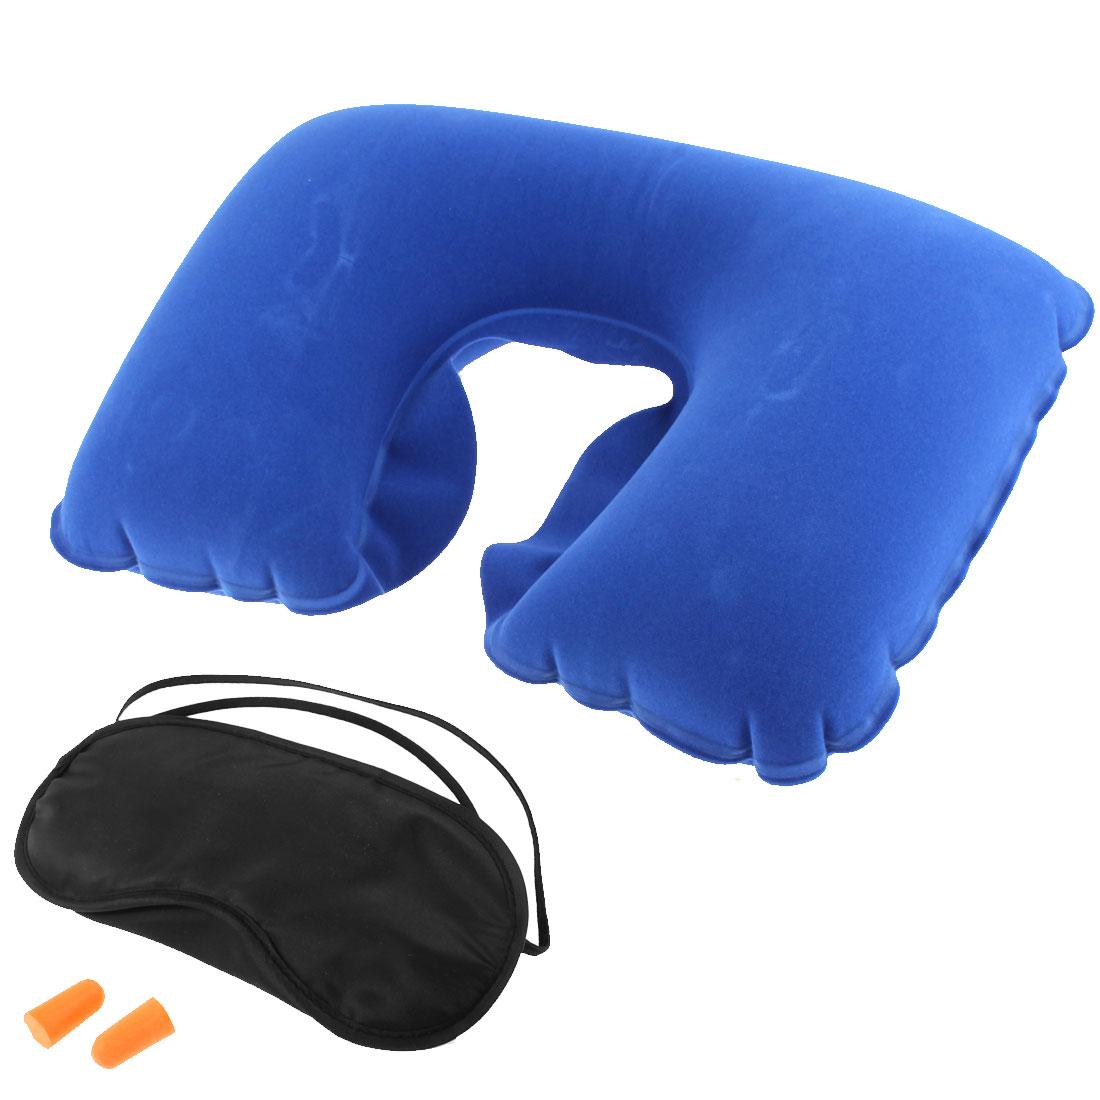 Travel Sleeping Relaxing Inflatable Fleece Neck Pillow Eye Mask Earplugs 3 in 1